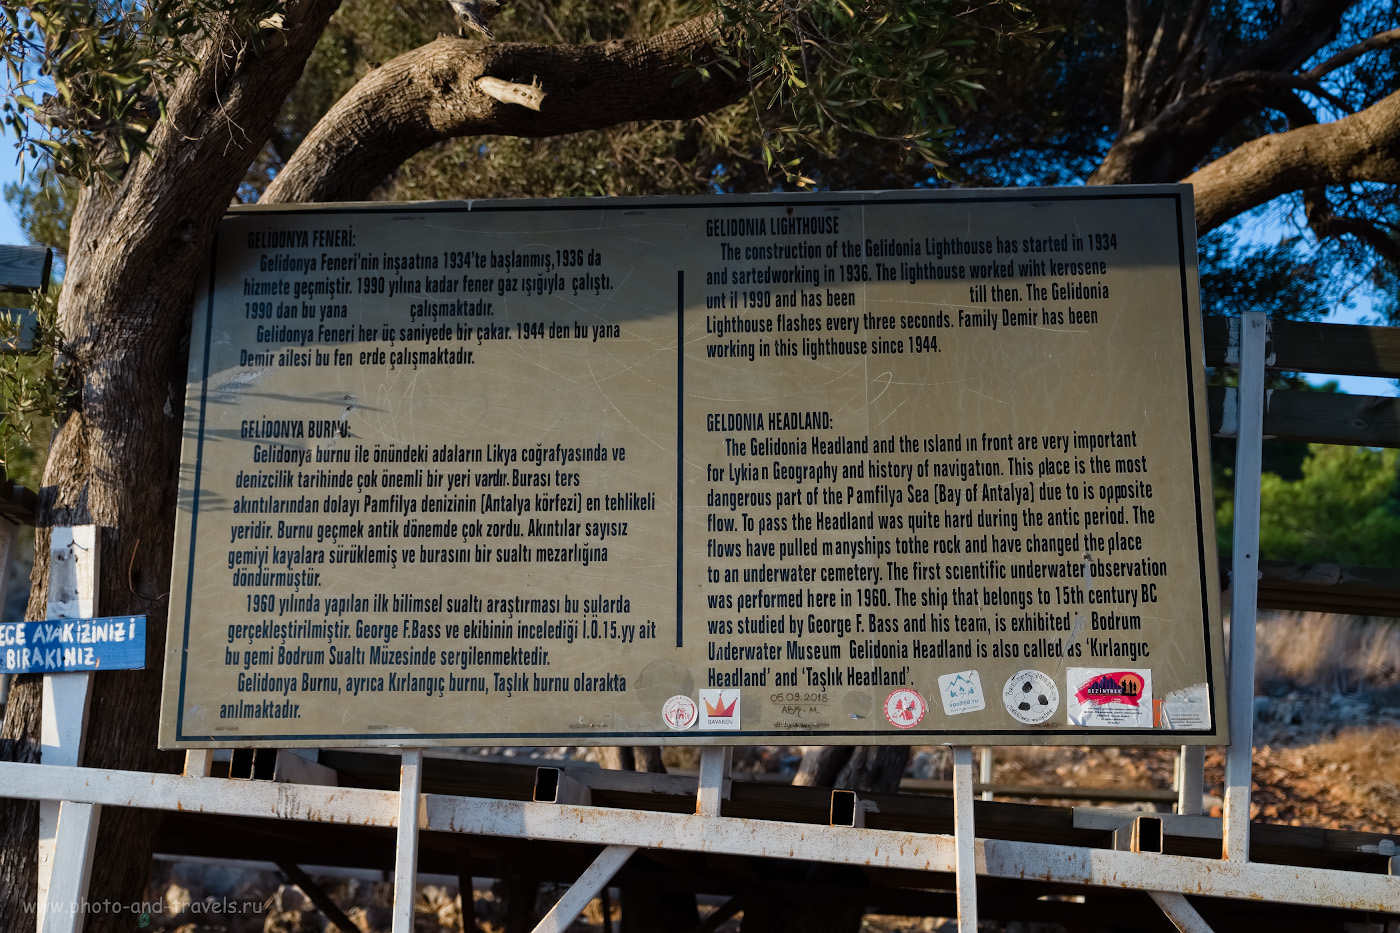 Фото 16. Информационный щит рядом с маяком Гелидония. 1/800, 2.8, 200, -0.67, 32.